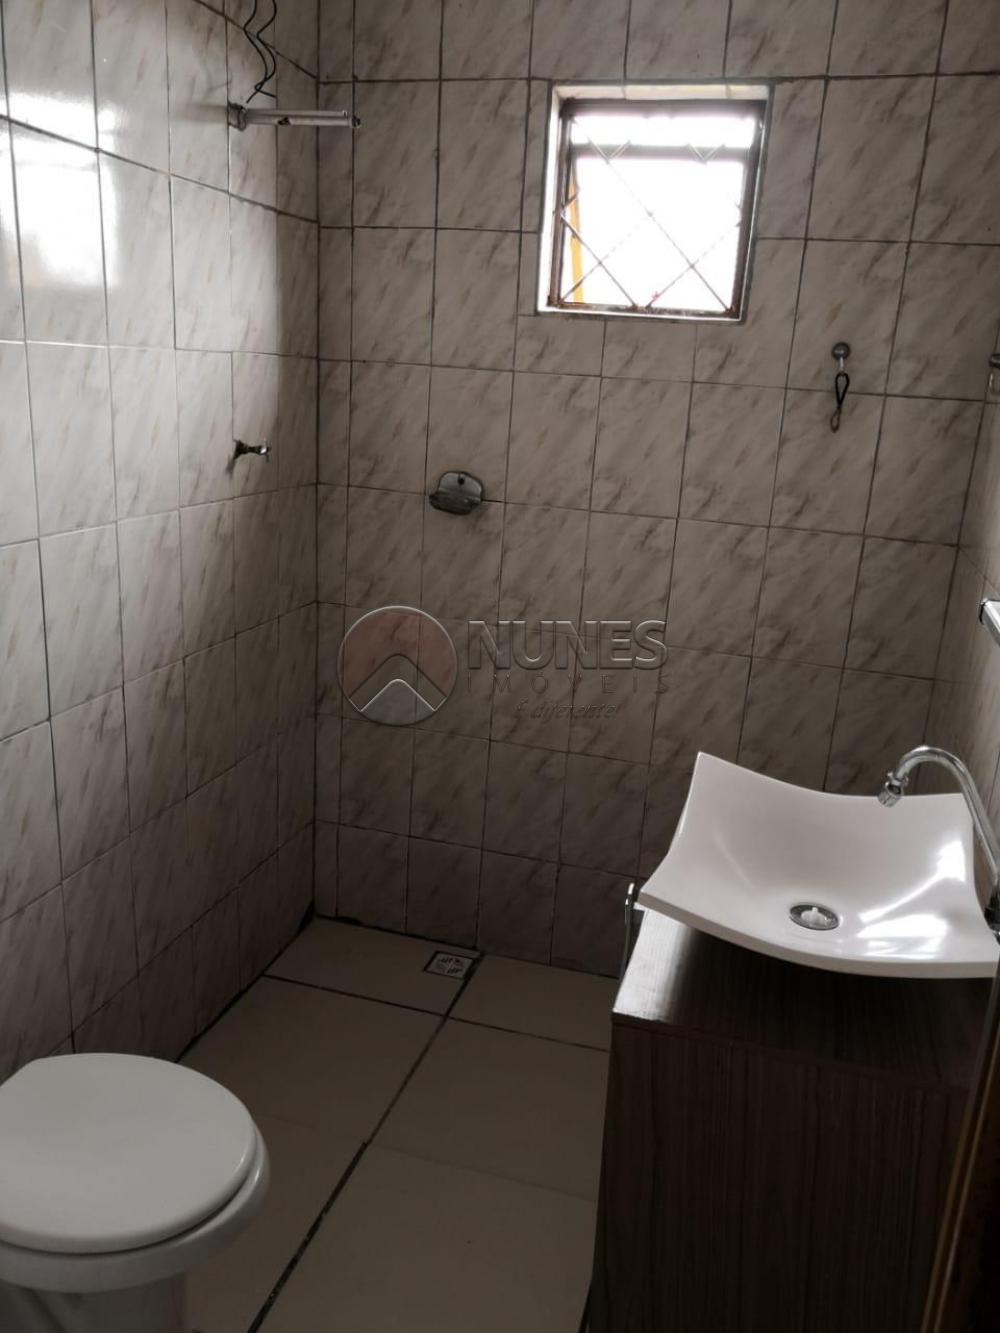 Comprar Casa / Terrea em Boituva apenas R$ 180.000,00 - Foto 7